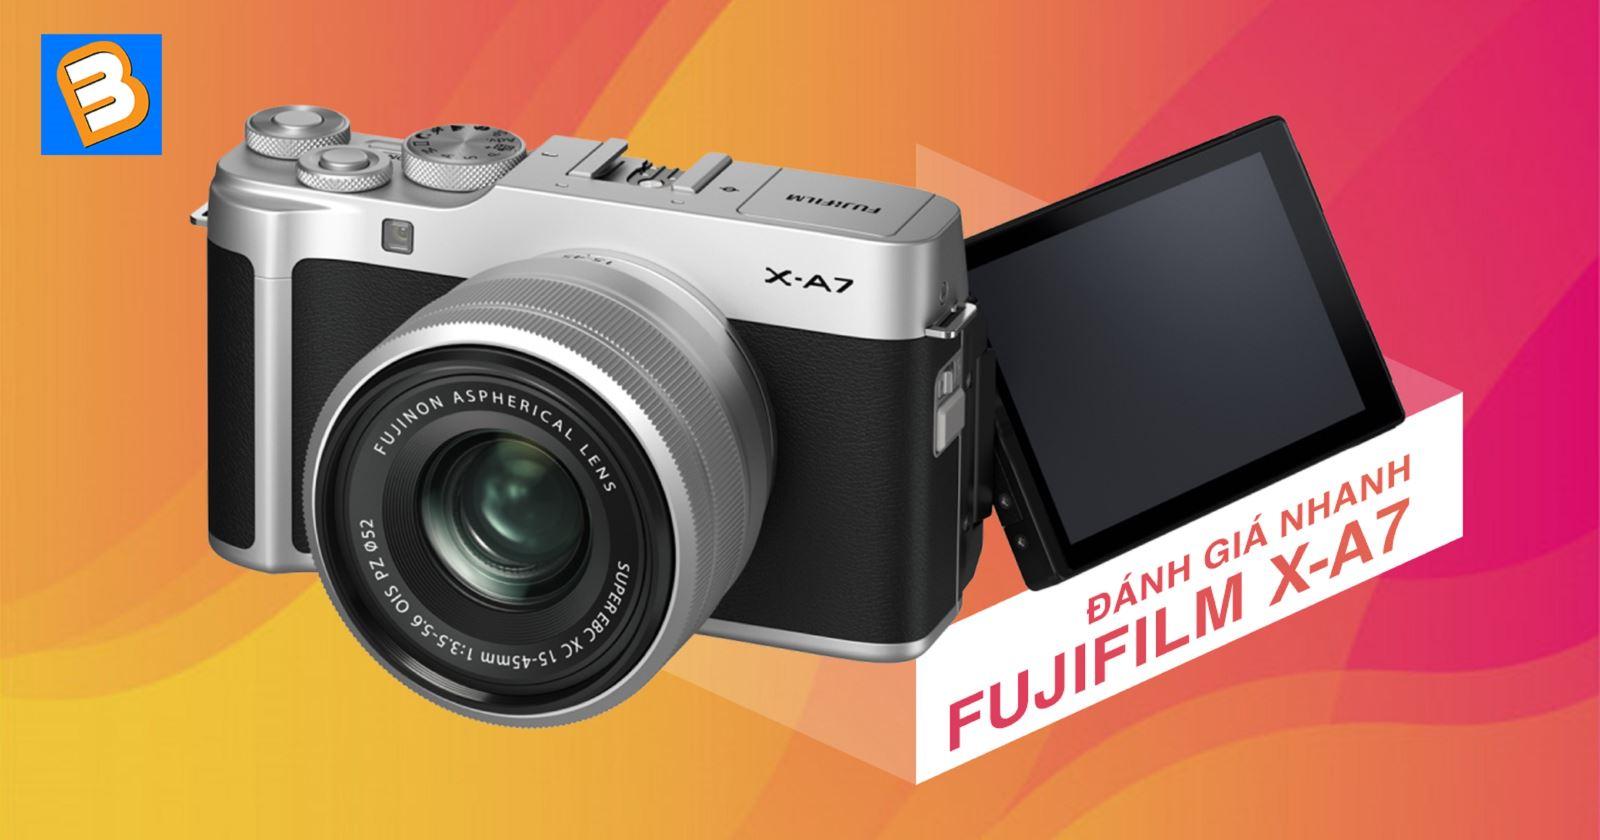 Đánh giá nhanh máy ảnhFujifilm X-A7